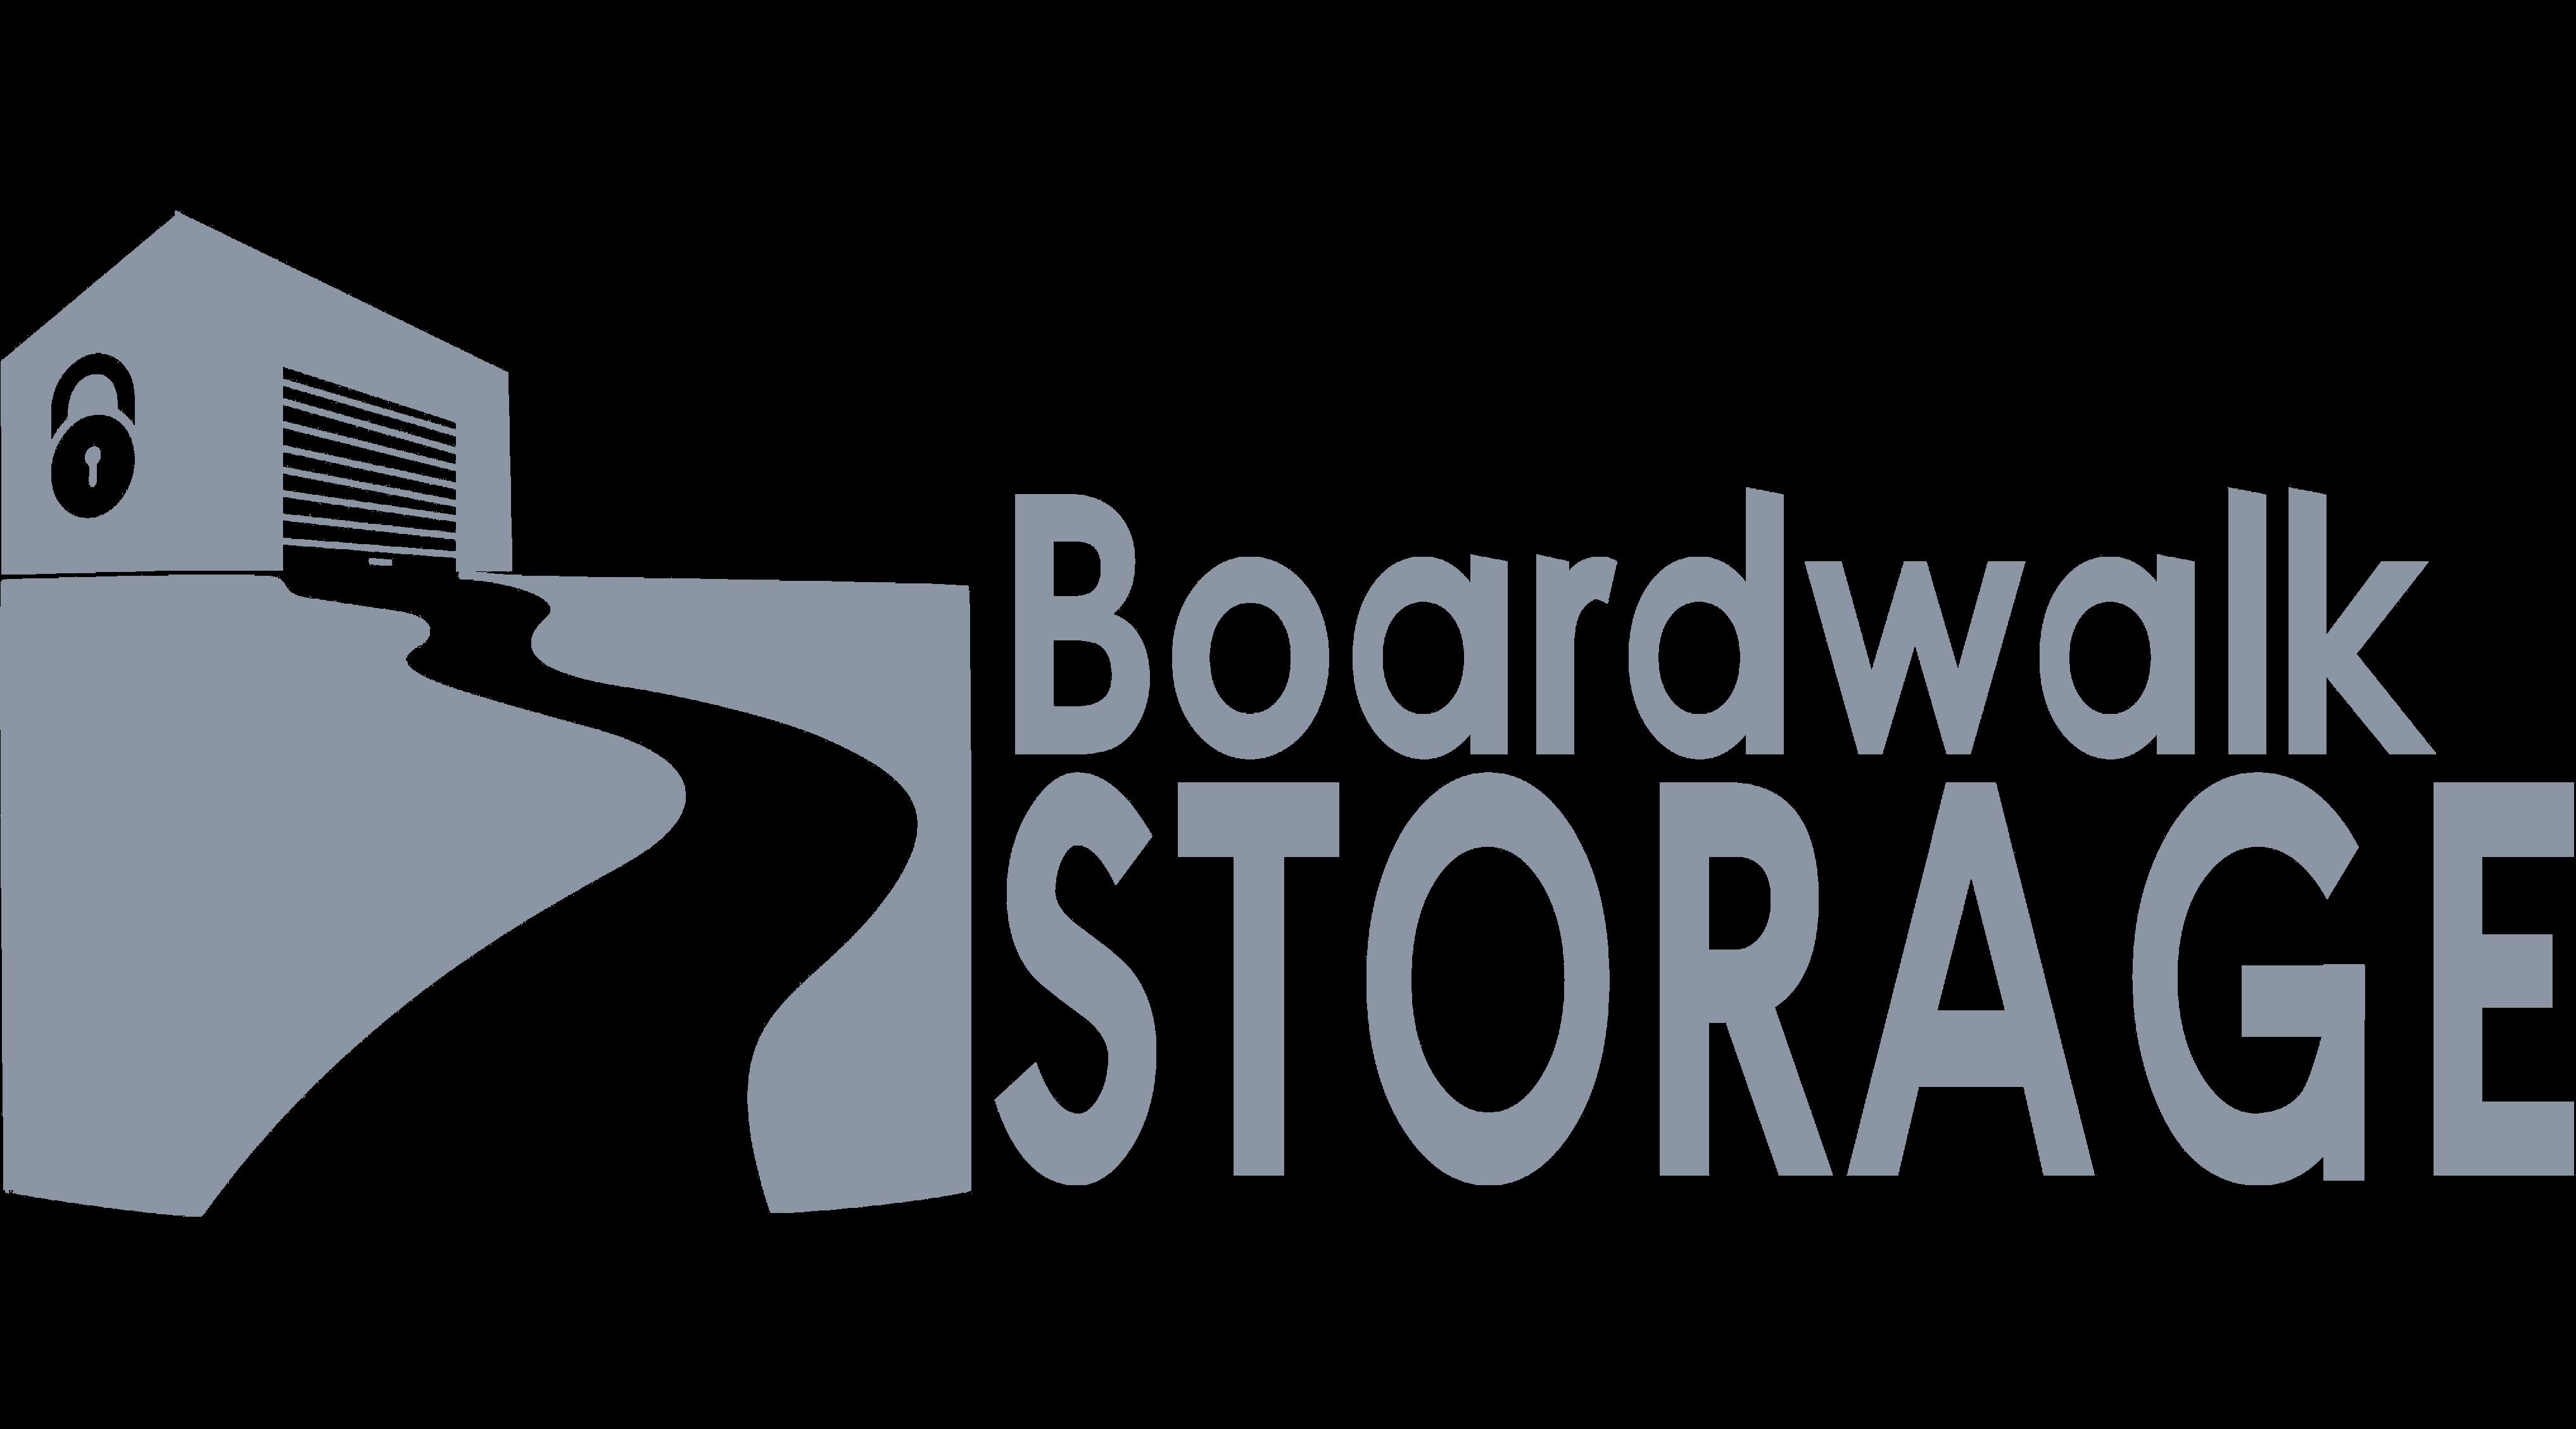 boardwalk@2x